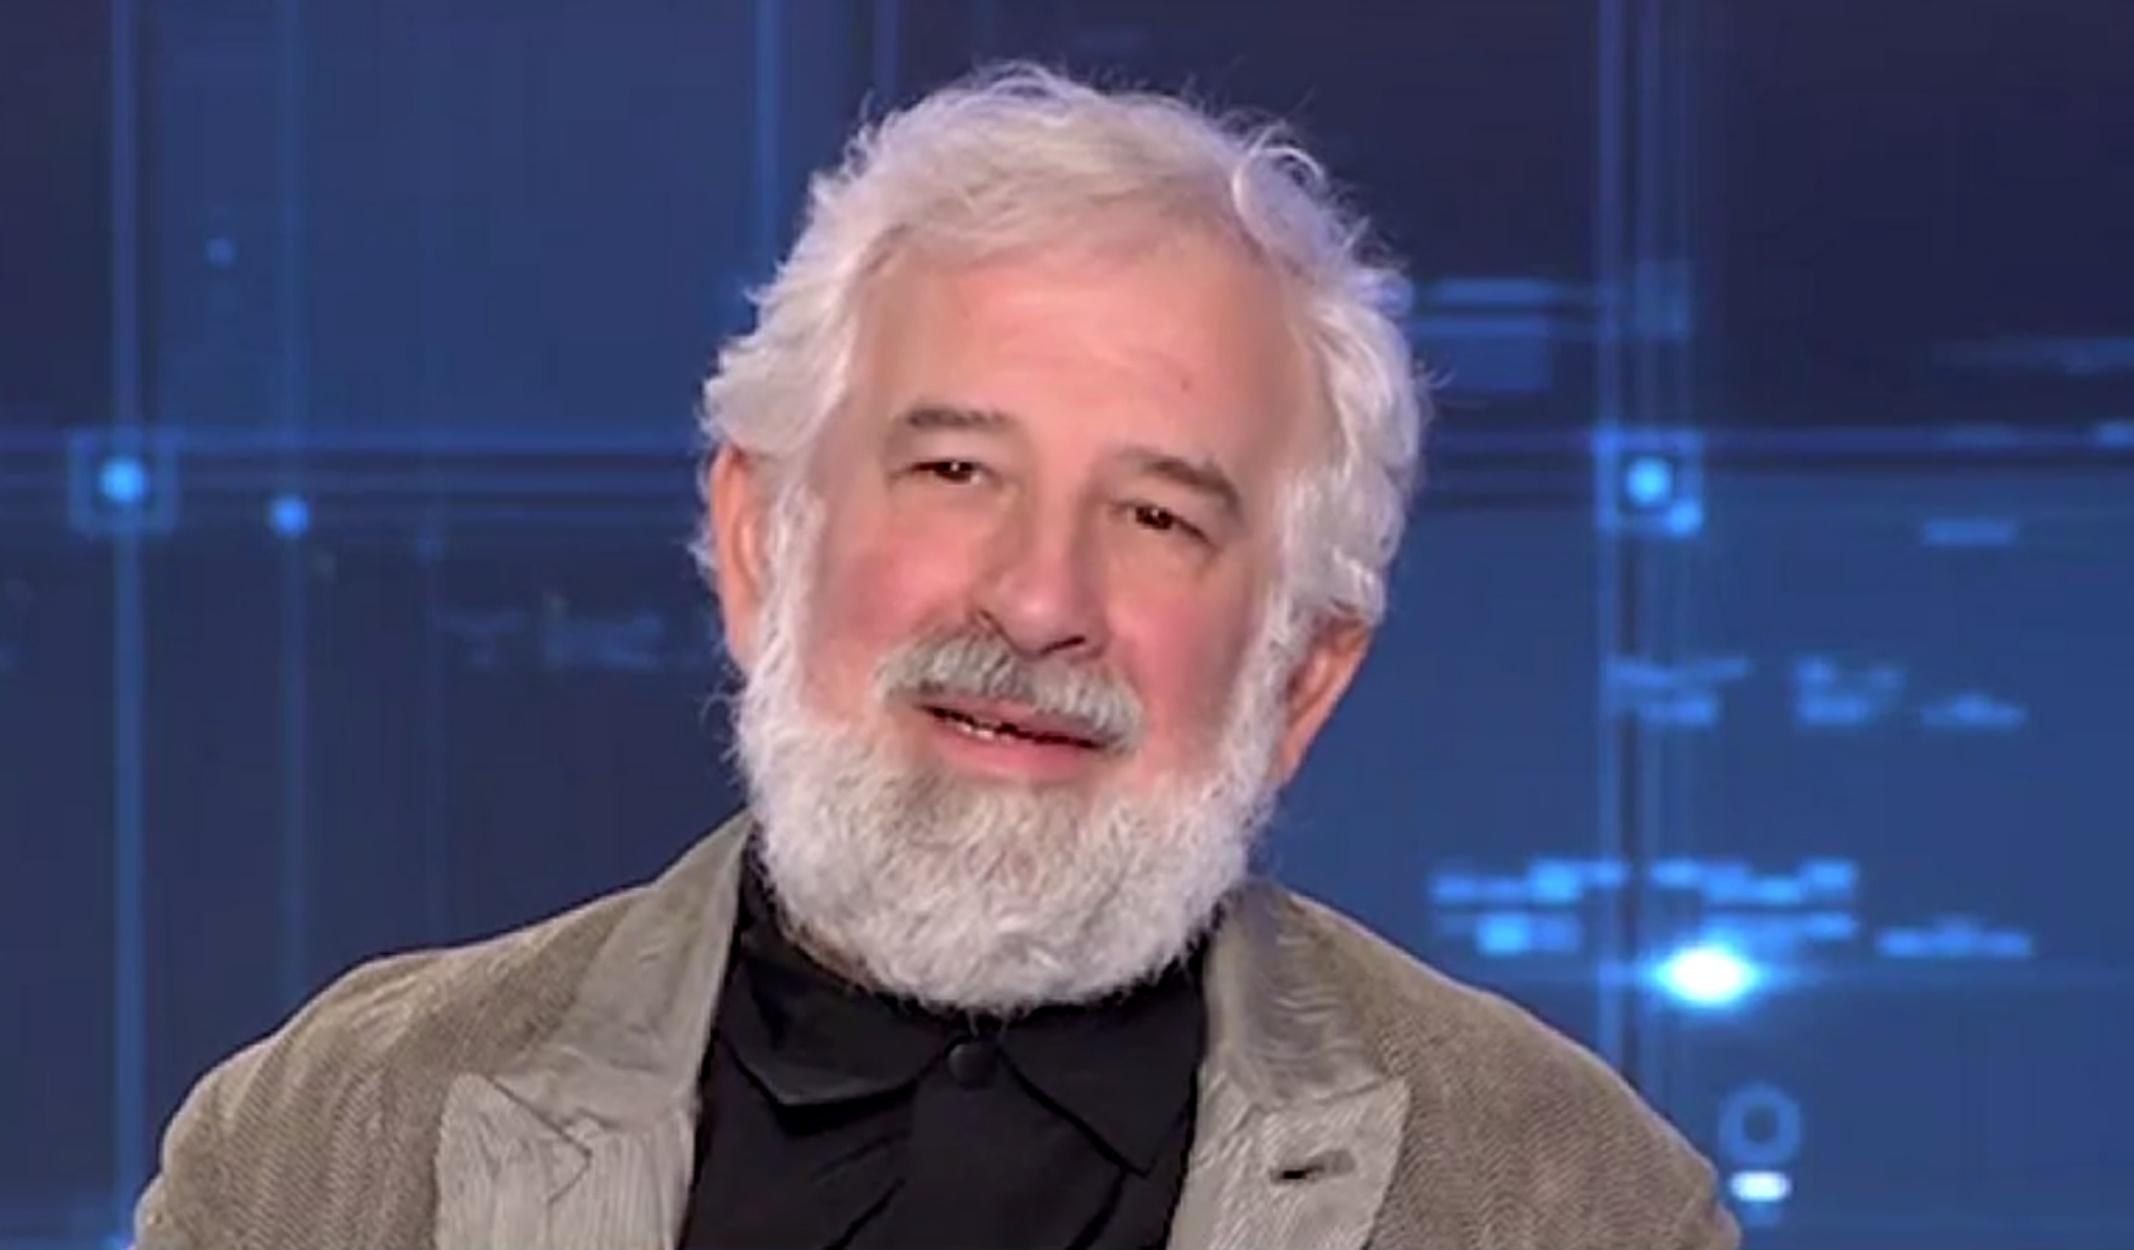 Λύγισε στον αέρα ο Πέτρος Φιλιππίδης – Γιατί πέρασαν 10 χρόνια για να ξανακάνει τηλεόραση